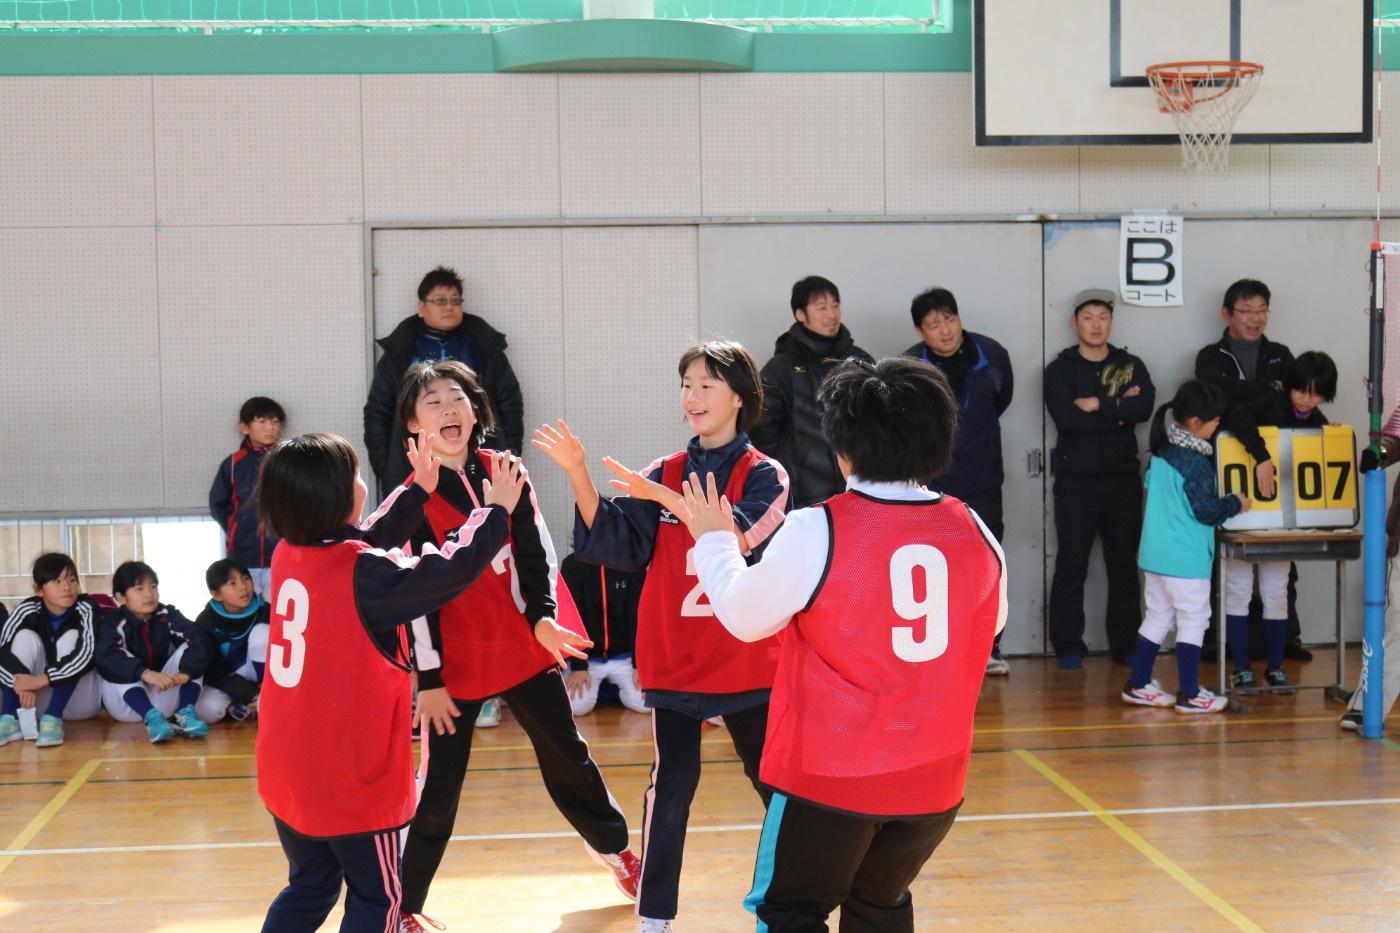 参加者の子どもたちがハイタッチで喜ぶ様子|第29回吉島地区冬季スポーツレクリエーション大会